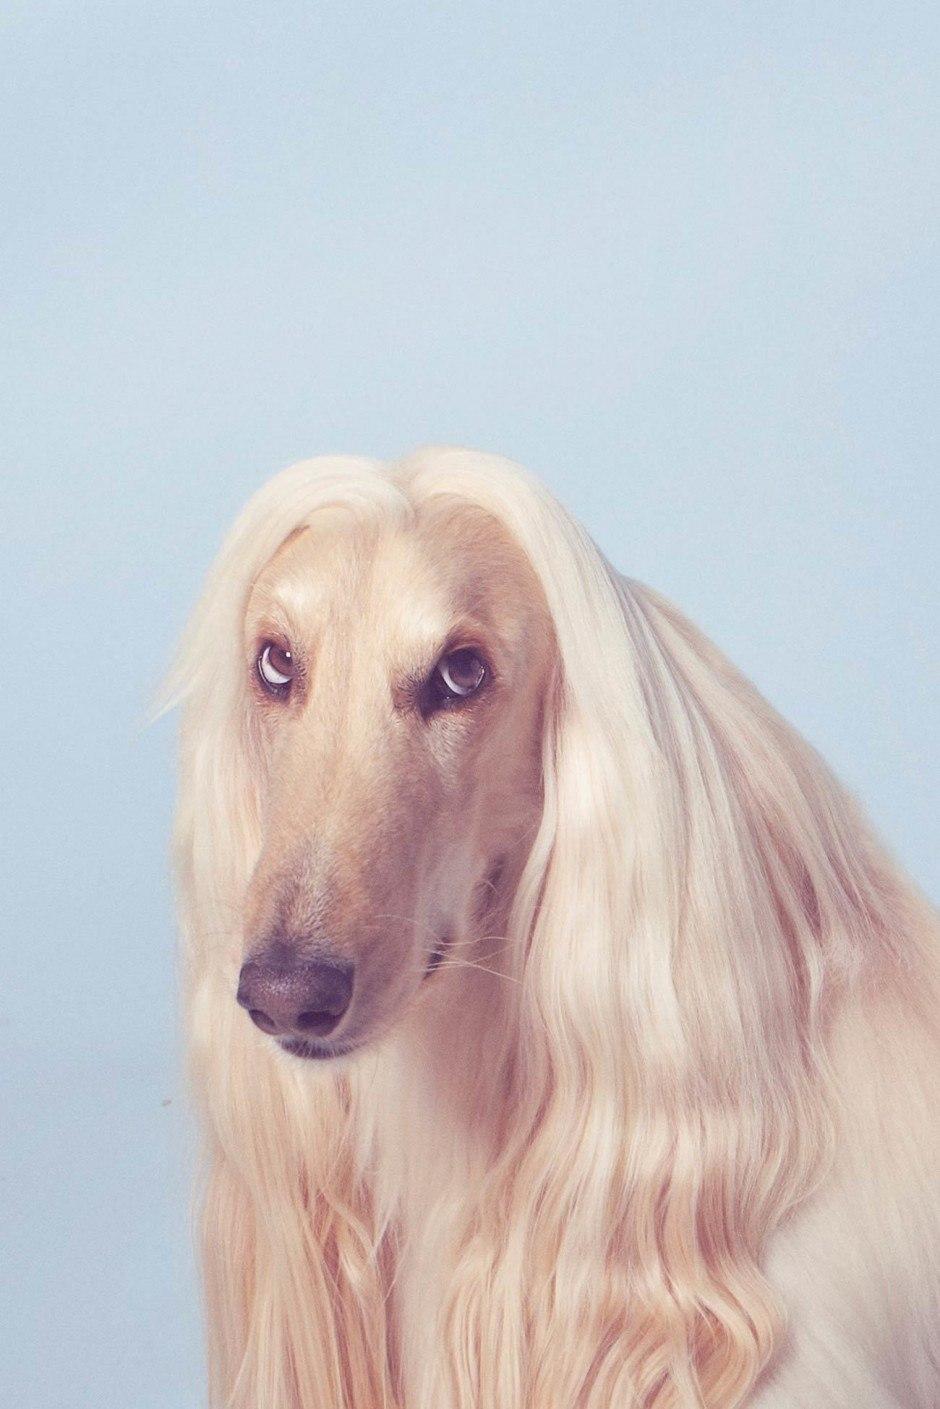 Aus einer Fotoserie über Haustiere